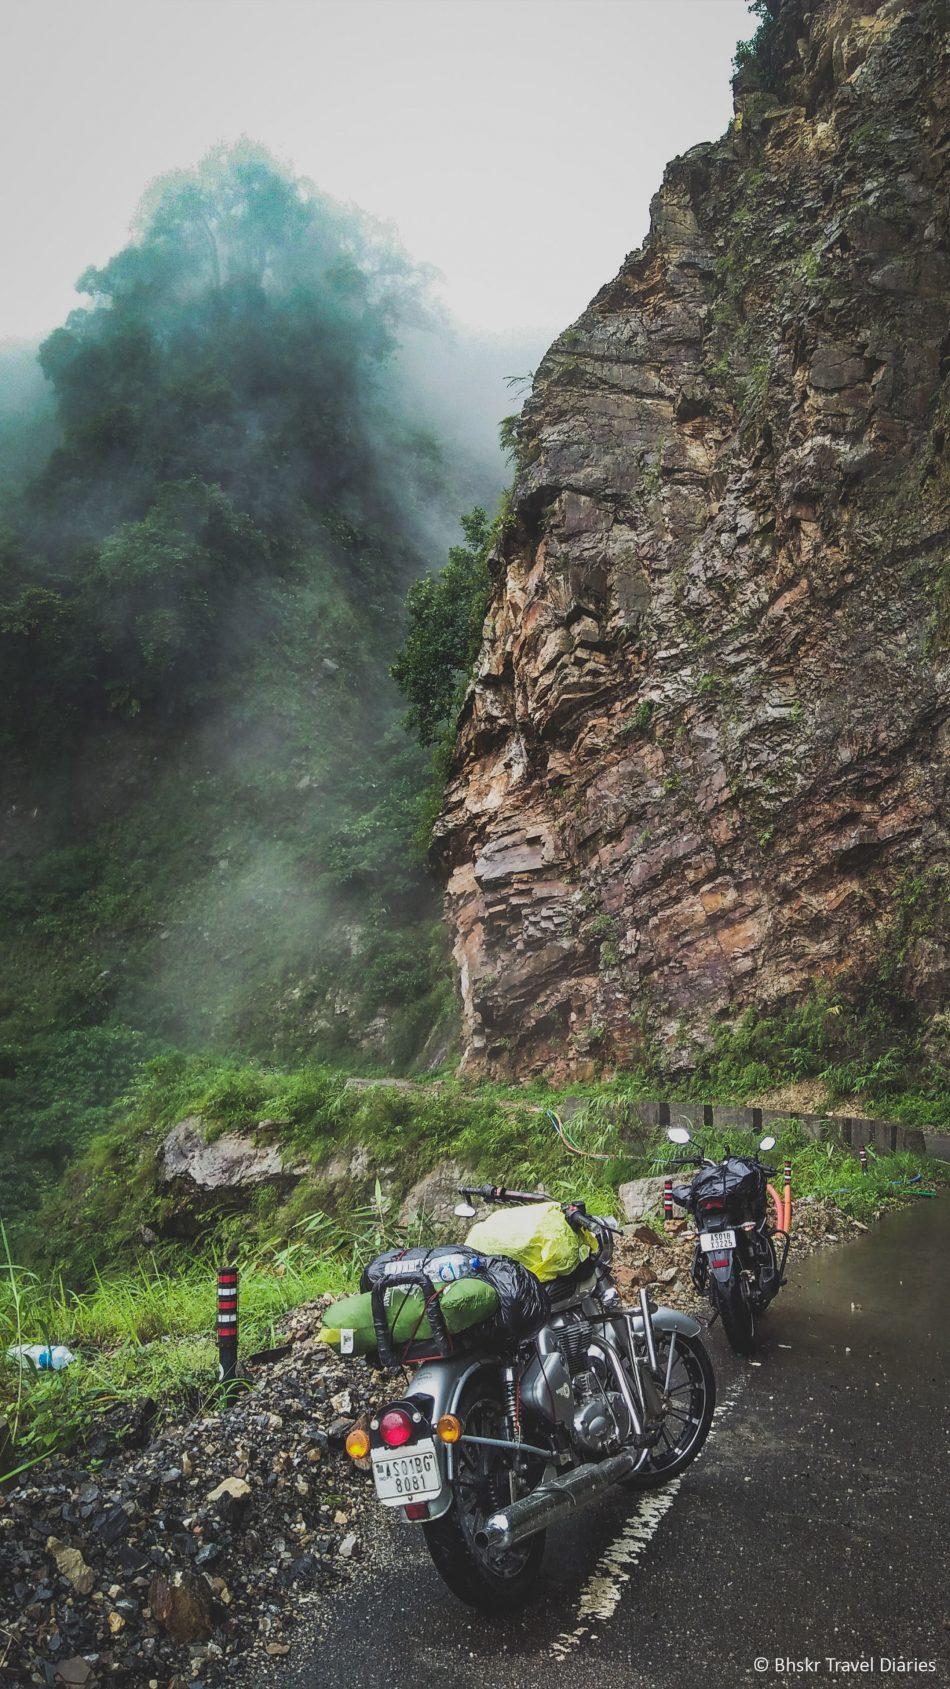 Bikes Travel Hills Fog 4K Ultra HD Mobile Wallpaper